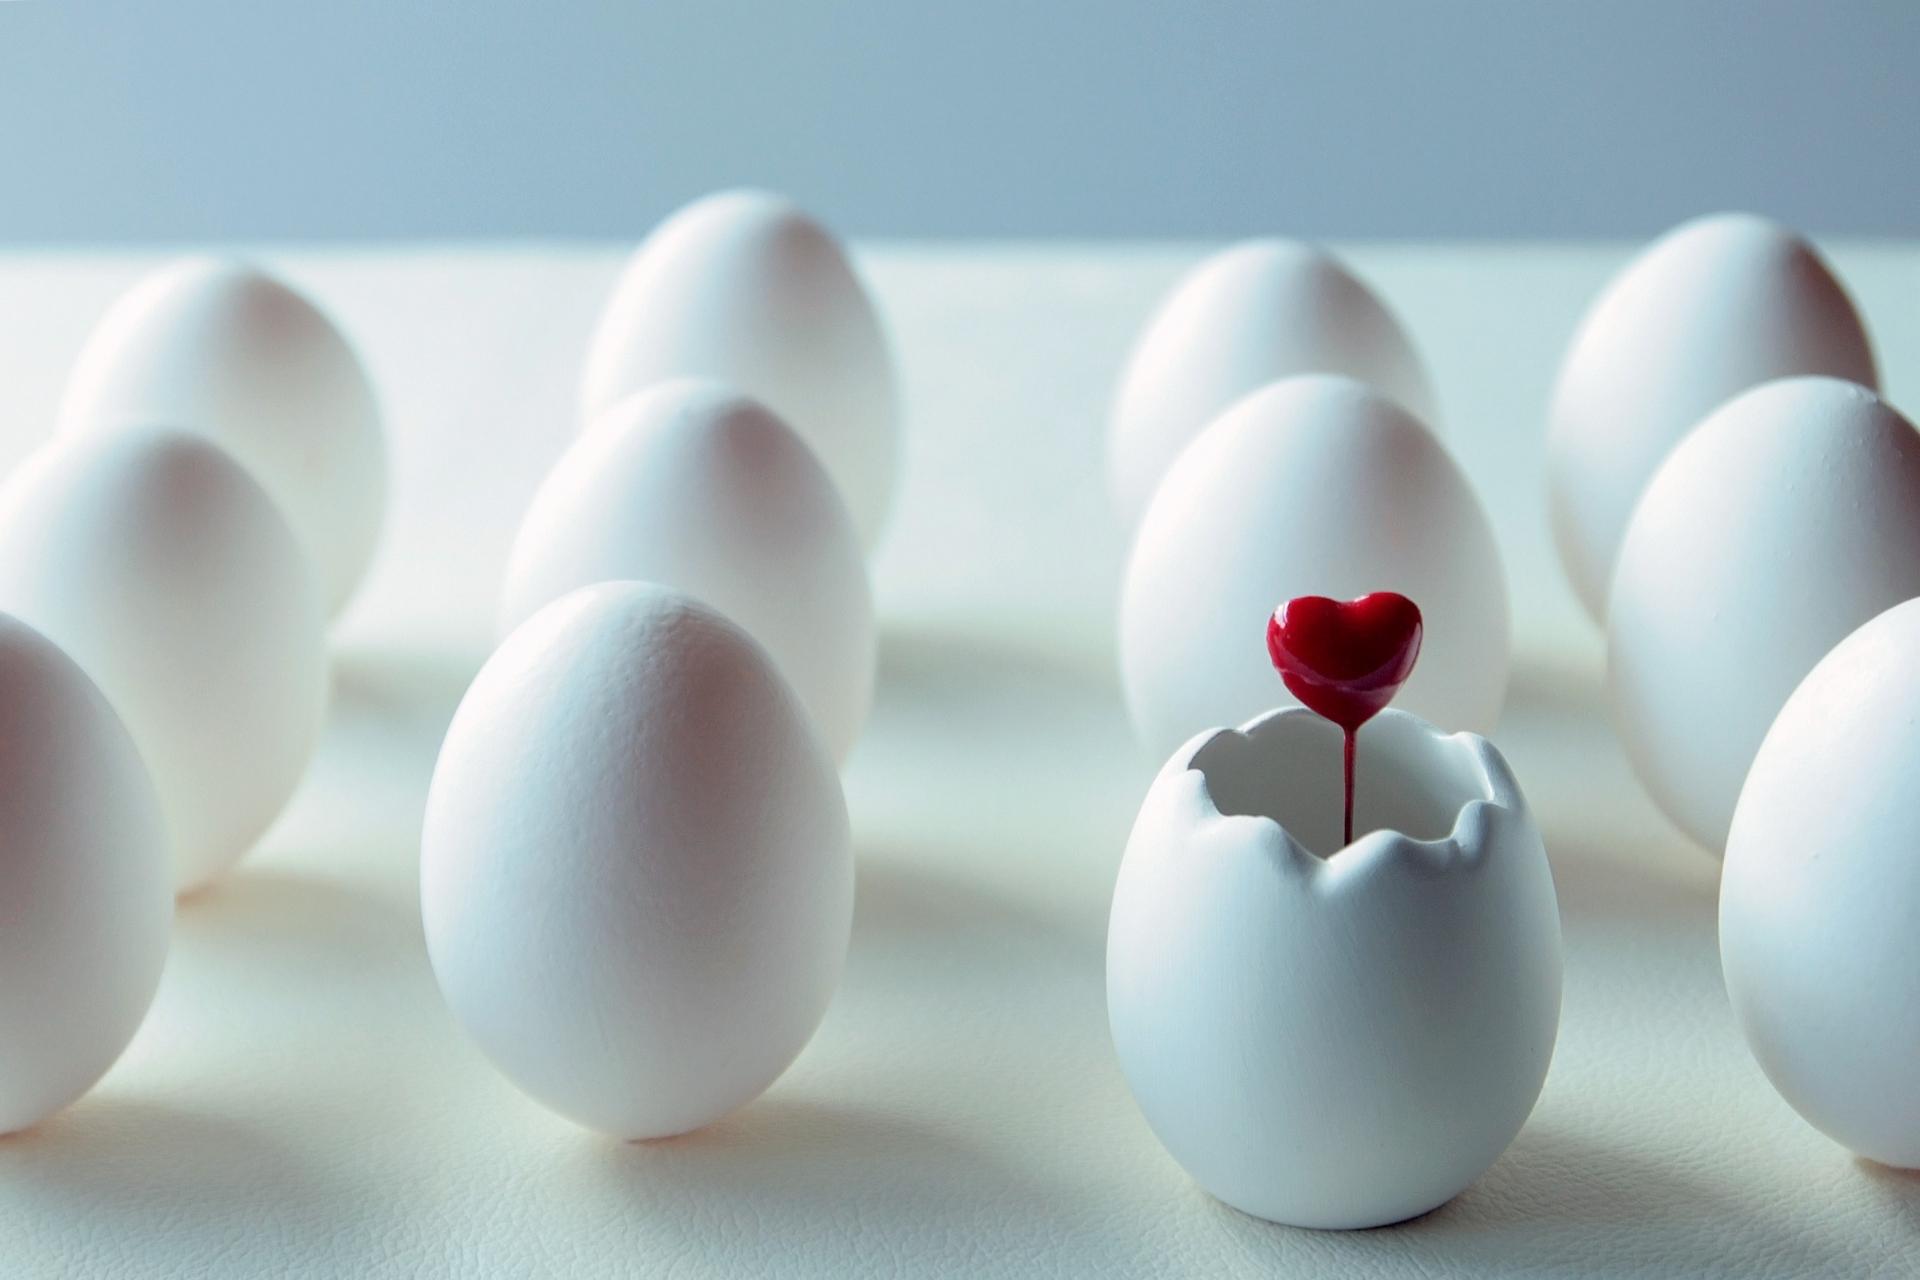 卵殻膜は食べることで美容効果を得られるの?